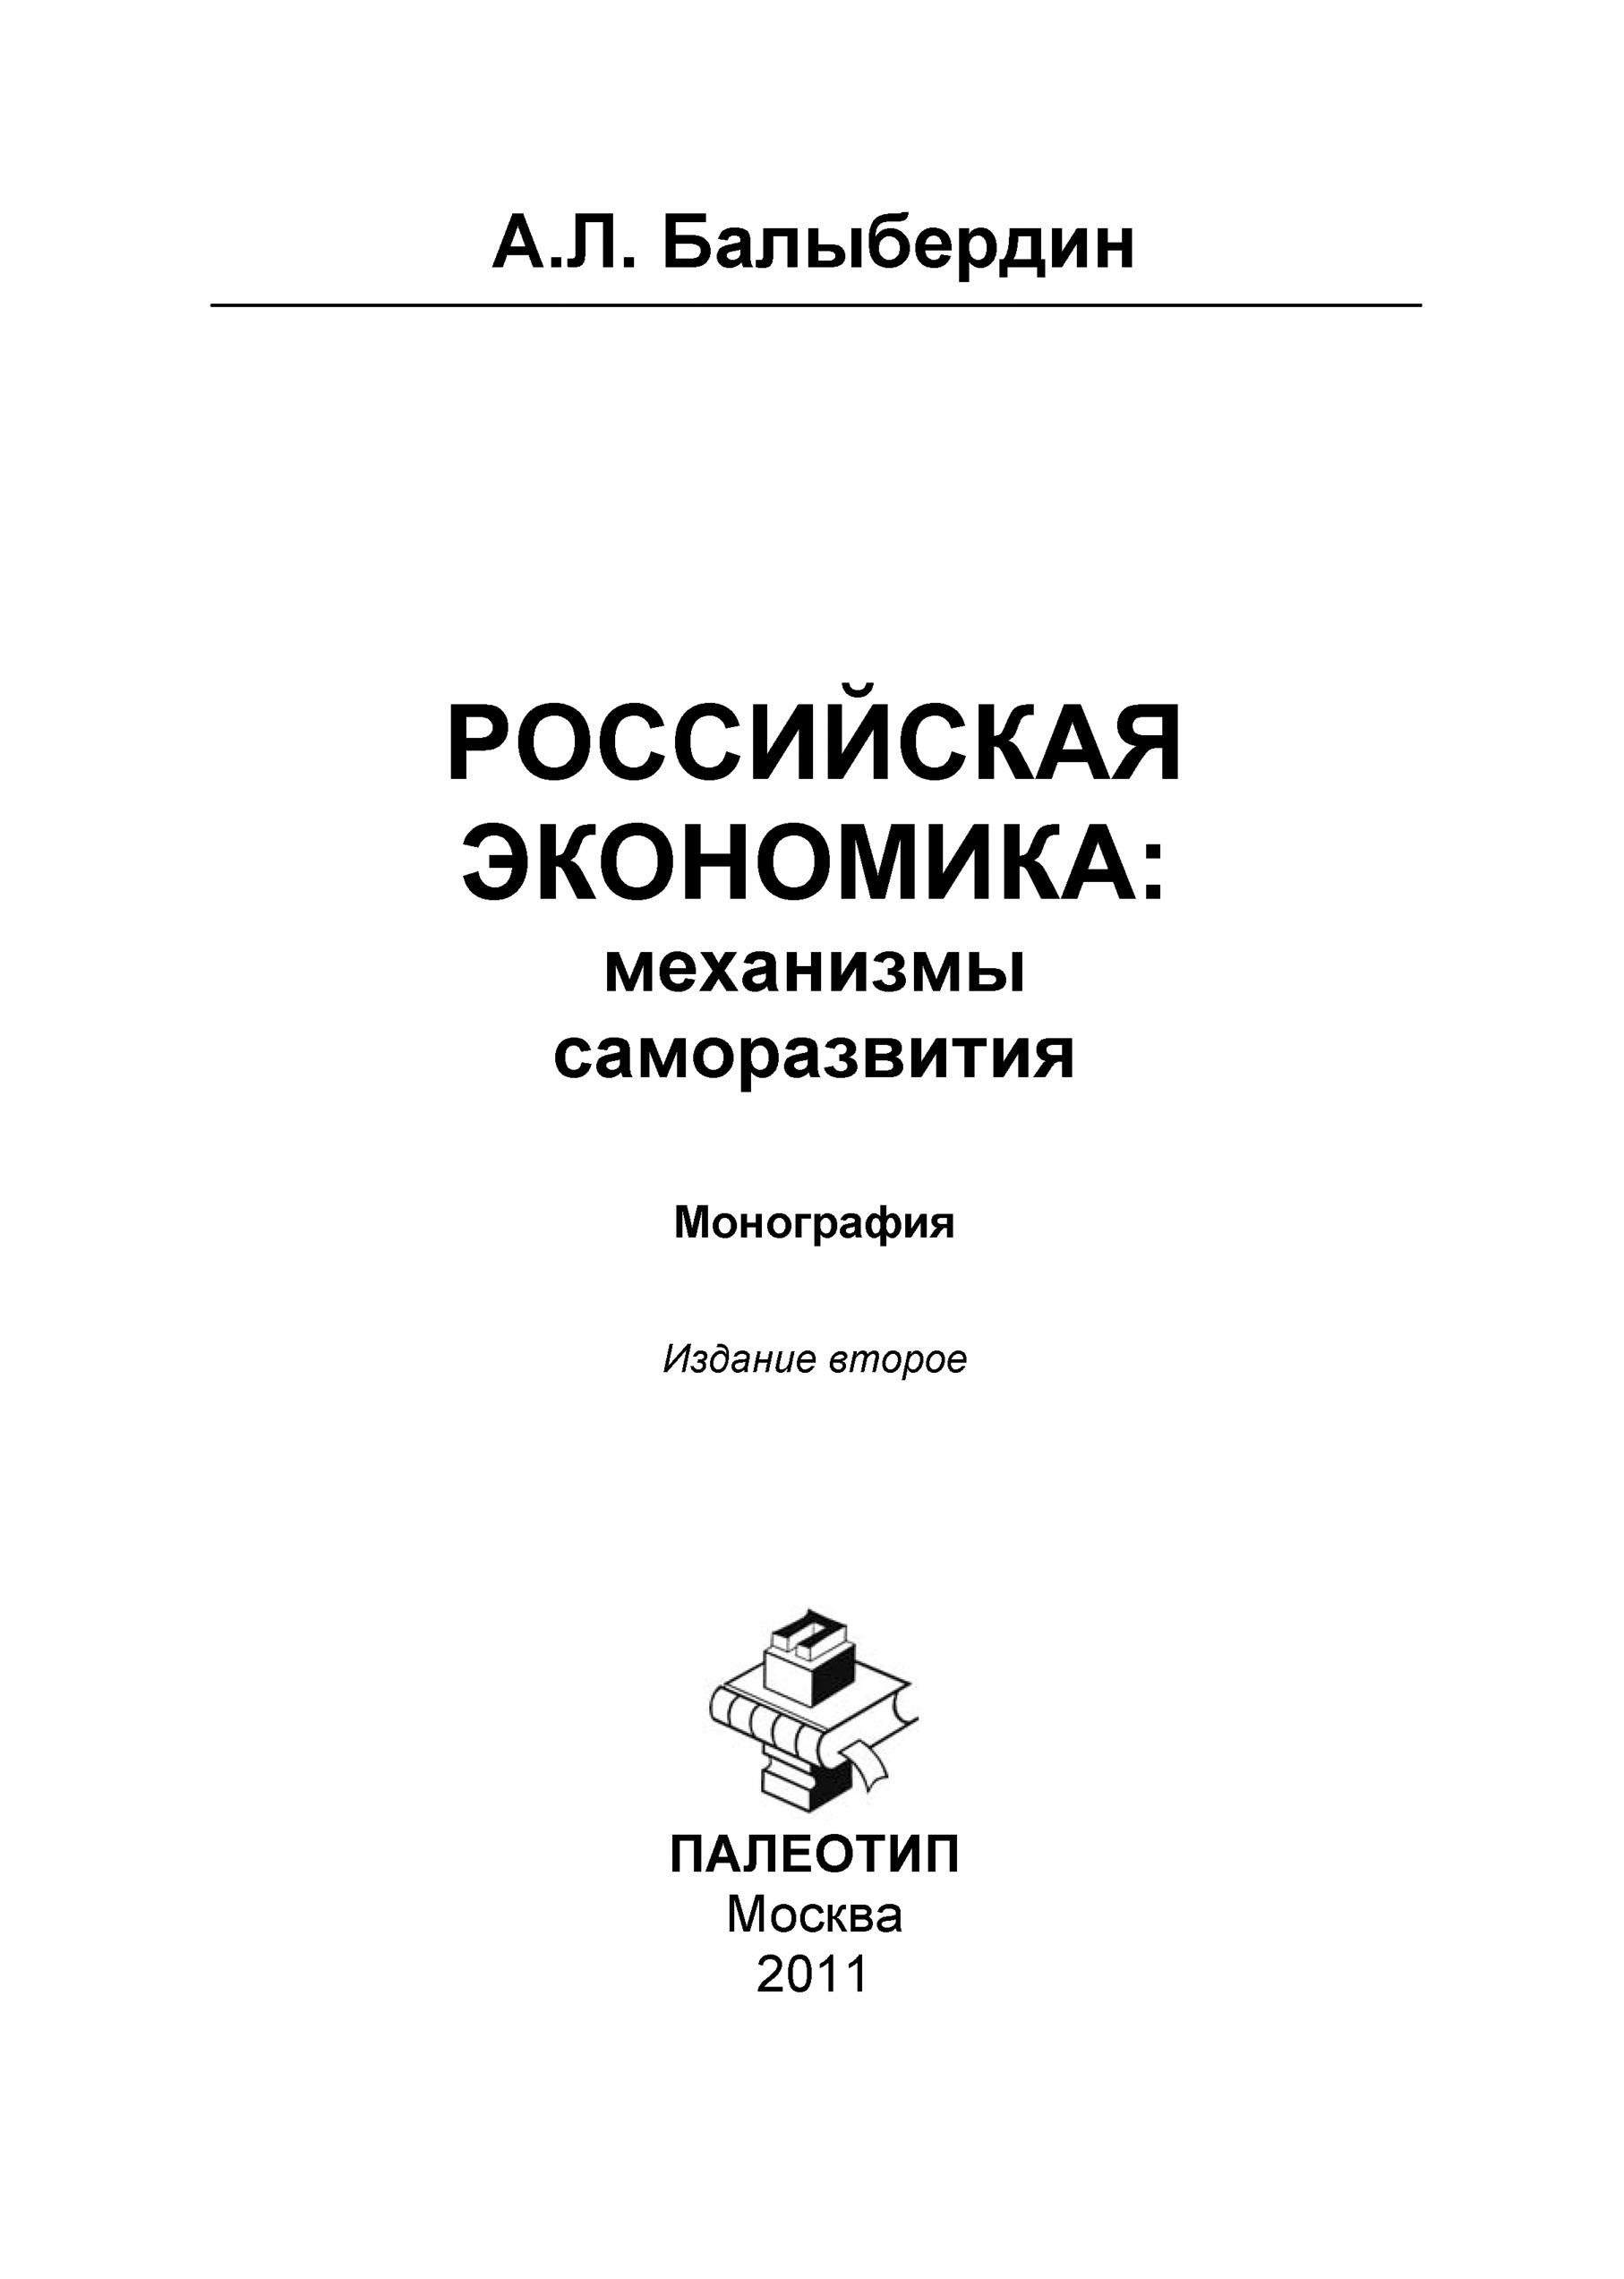 Российская экономика: механизмы саморазвития